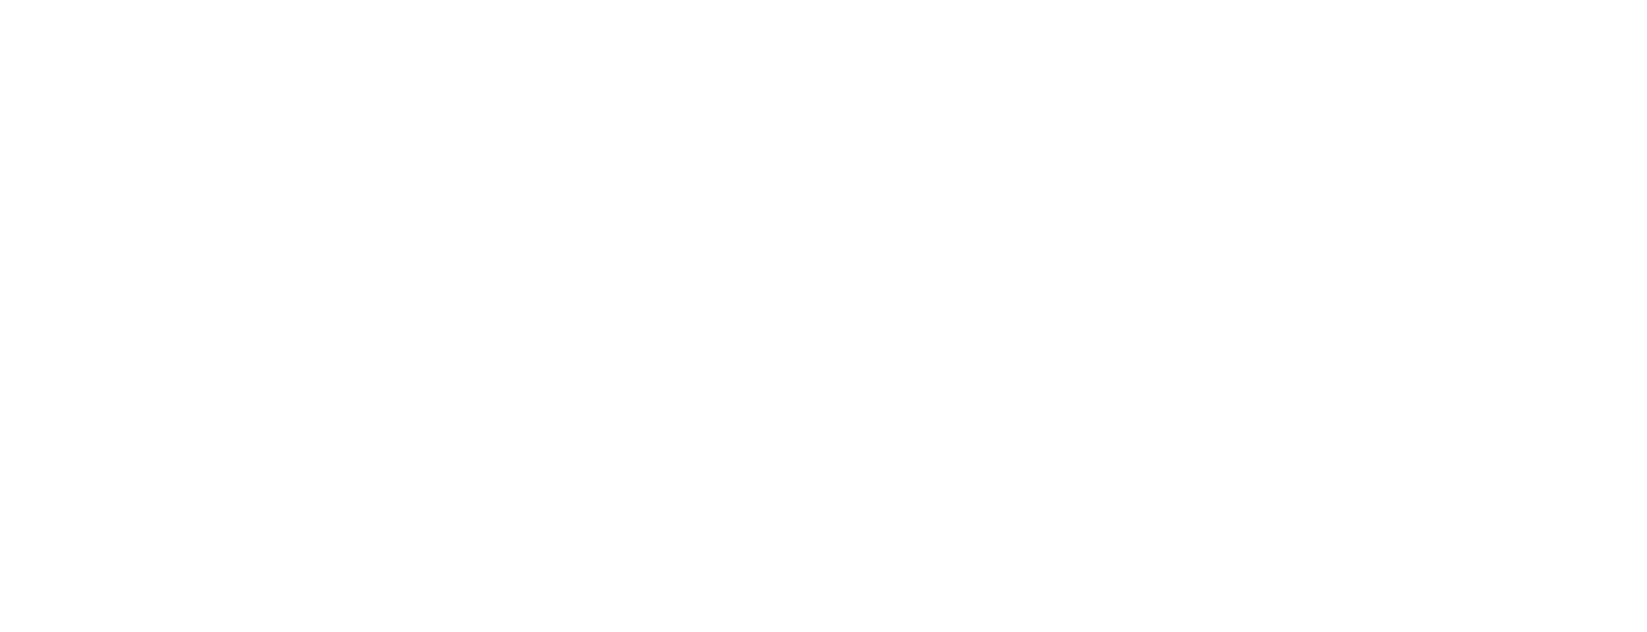 Ordinarybanneroverlay